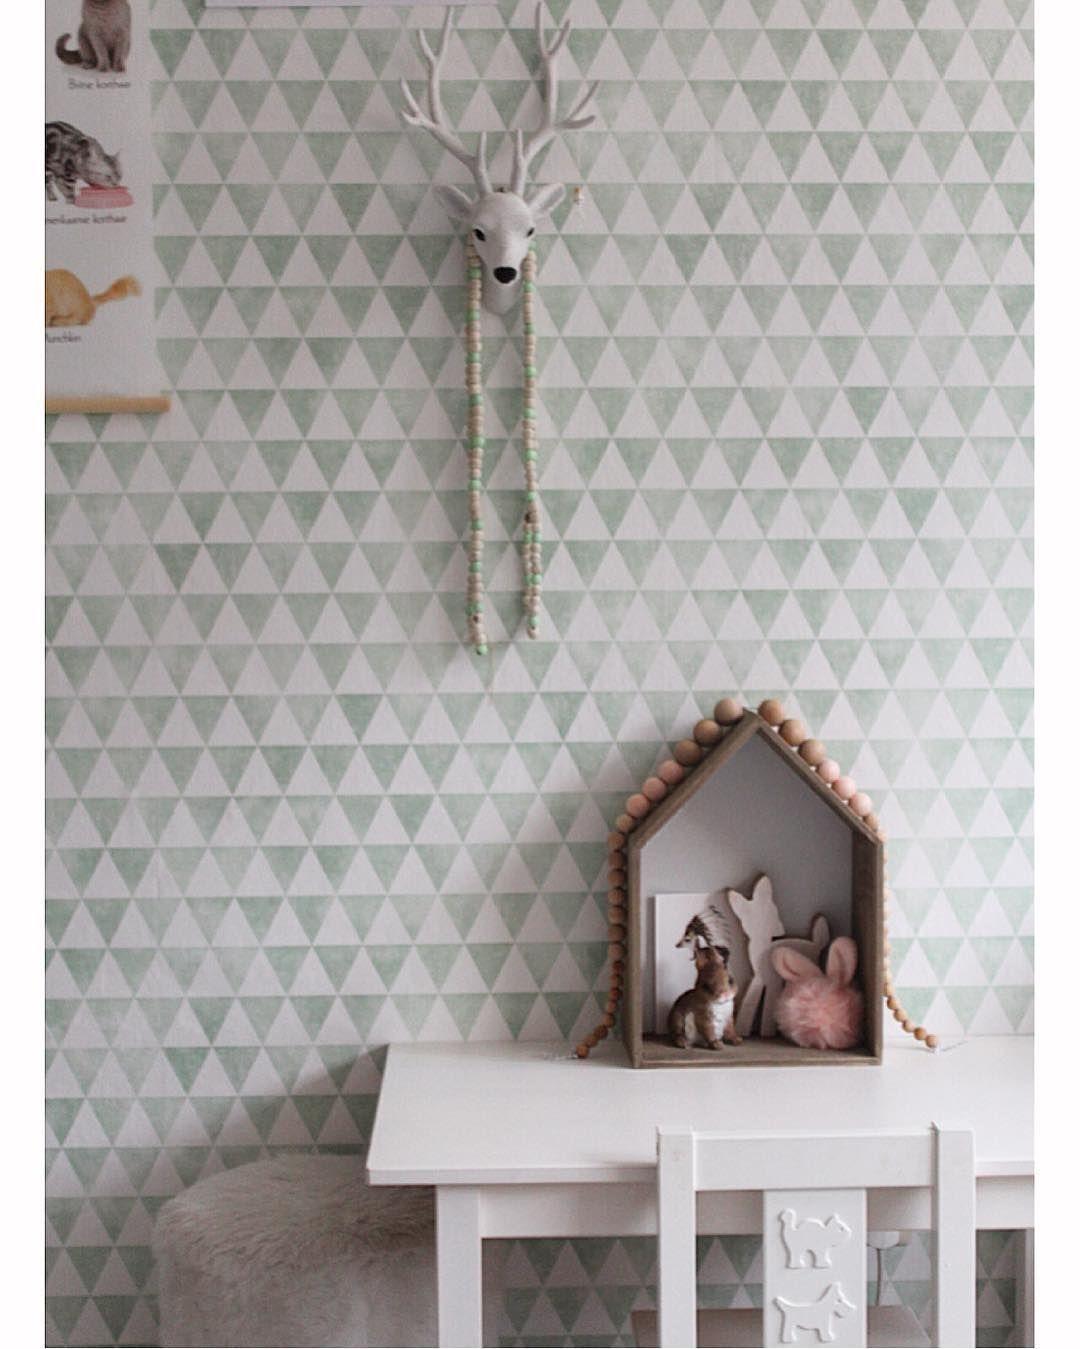 Colecci n papel pintado en la maison preg ntanos - Papel pintado la maison ...